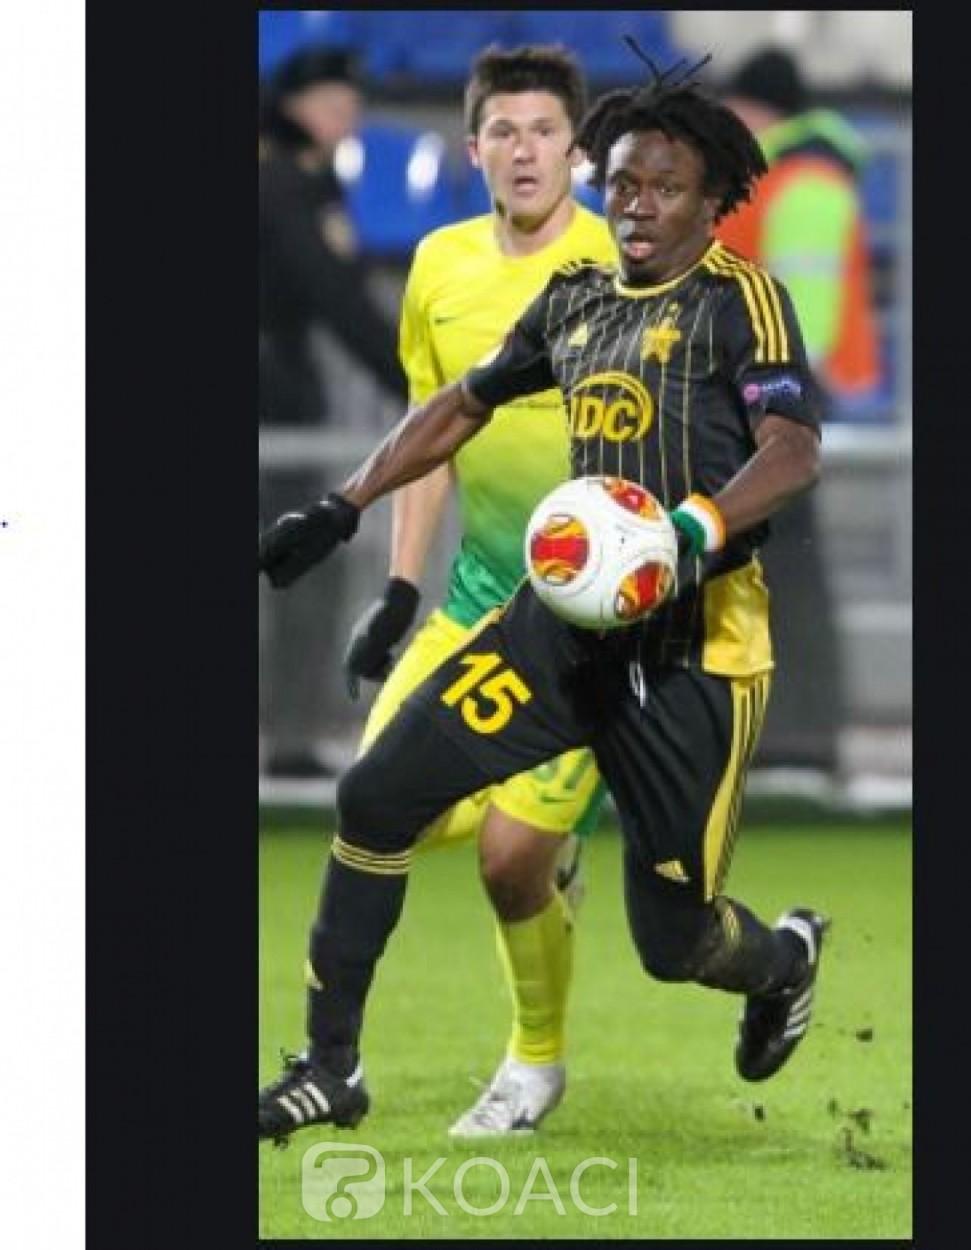 Côte d'Ivoire : « Affaire du footballeur et  le  Capitaine de Gendarmerie », un témoignage remet en cause les accusations